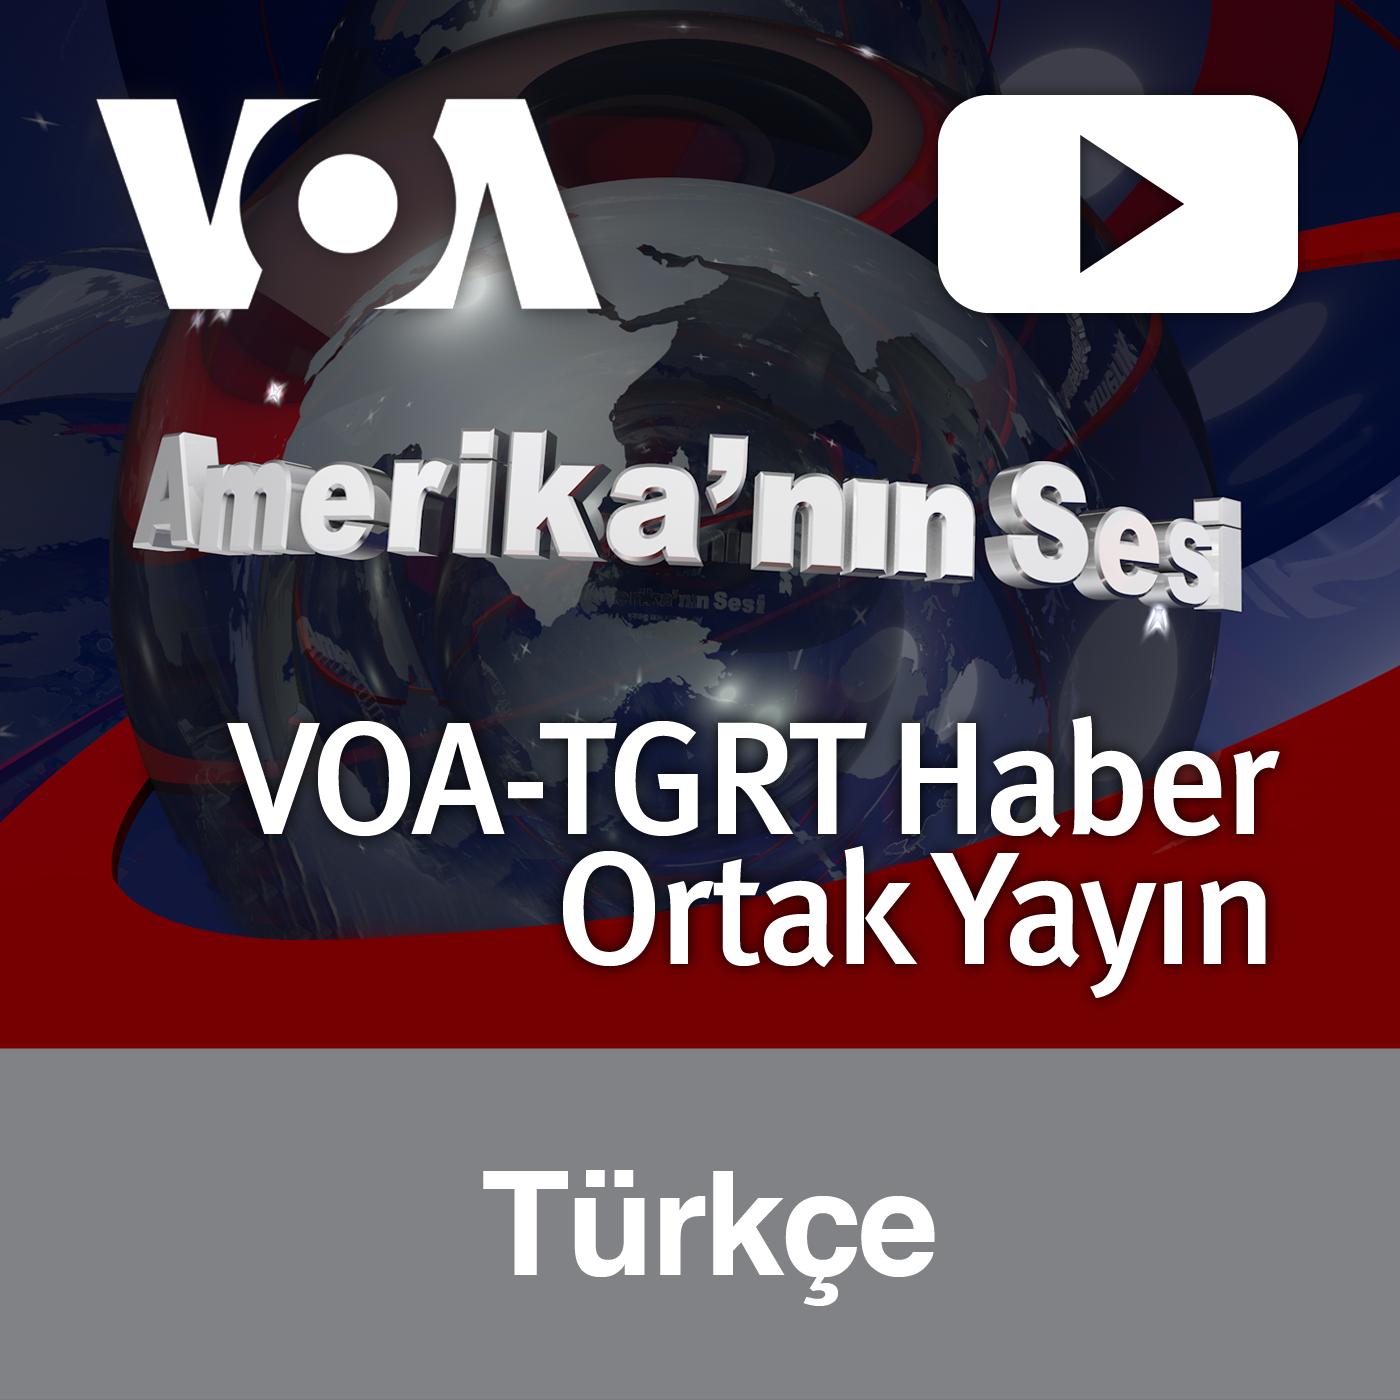 VOA Türkçe Haberler - Amerika'nın Sesi